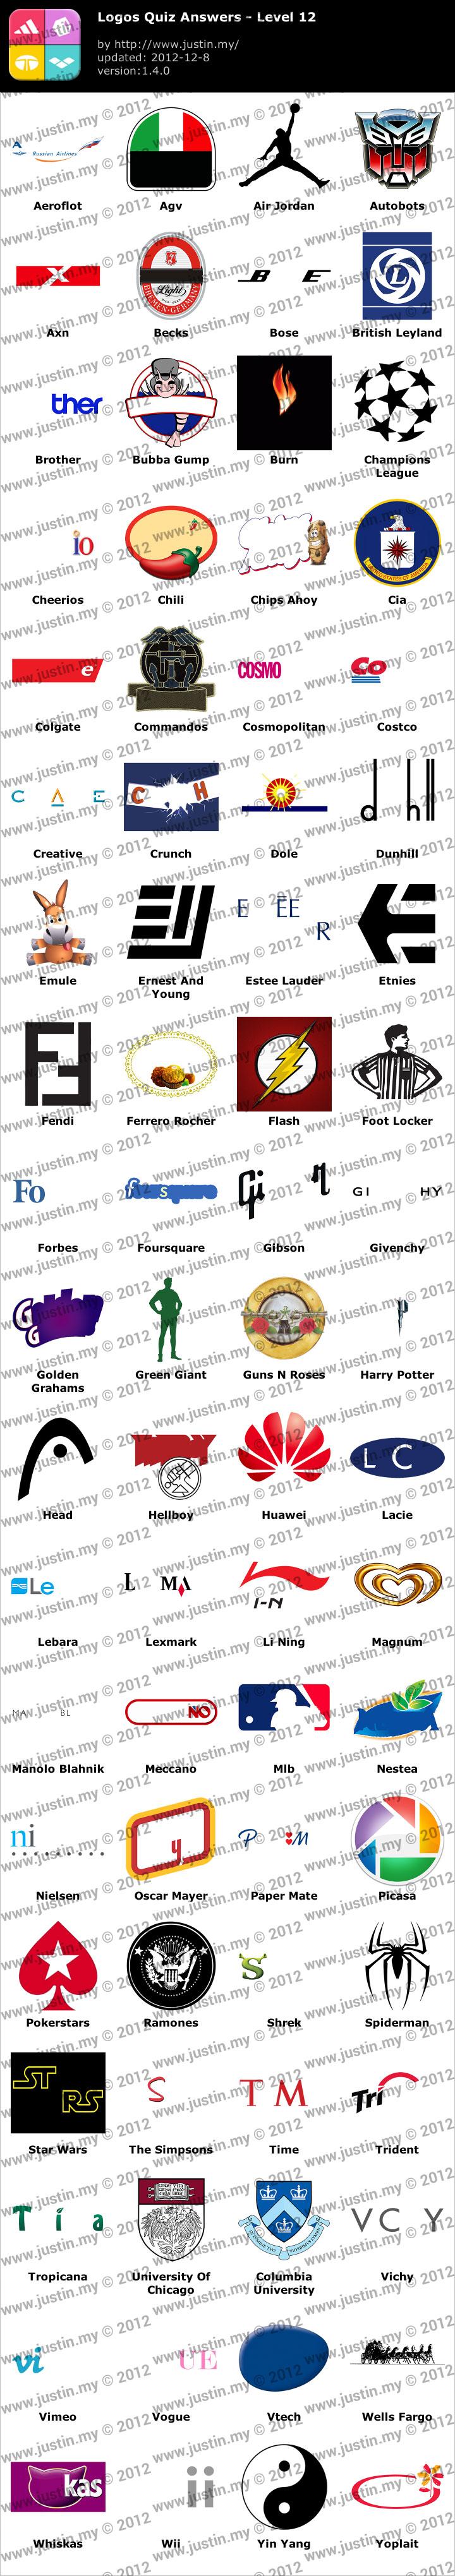 Logos Quiz Level 12